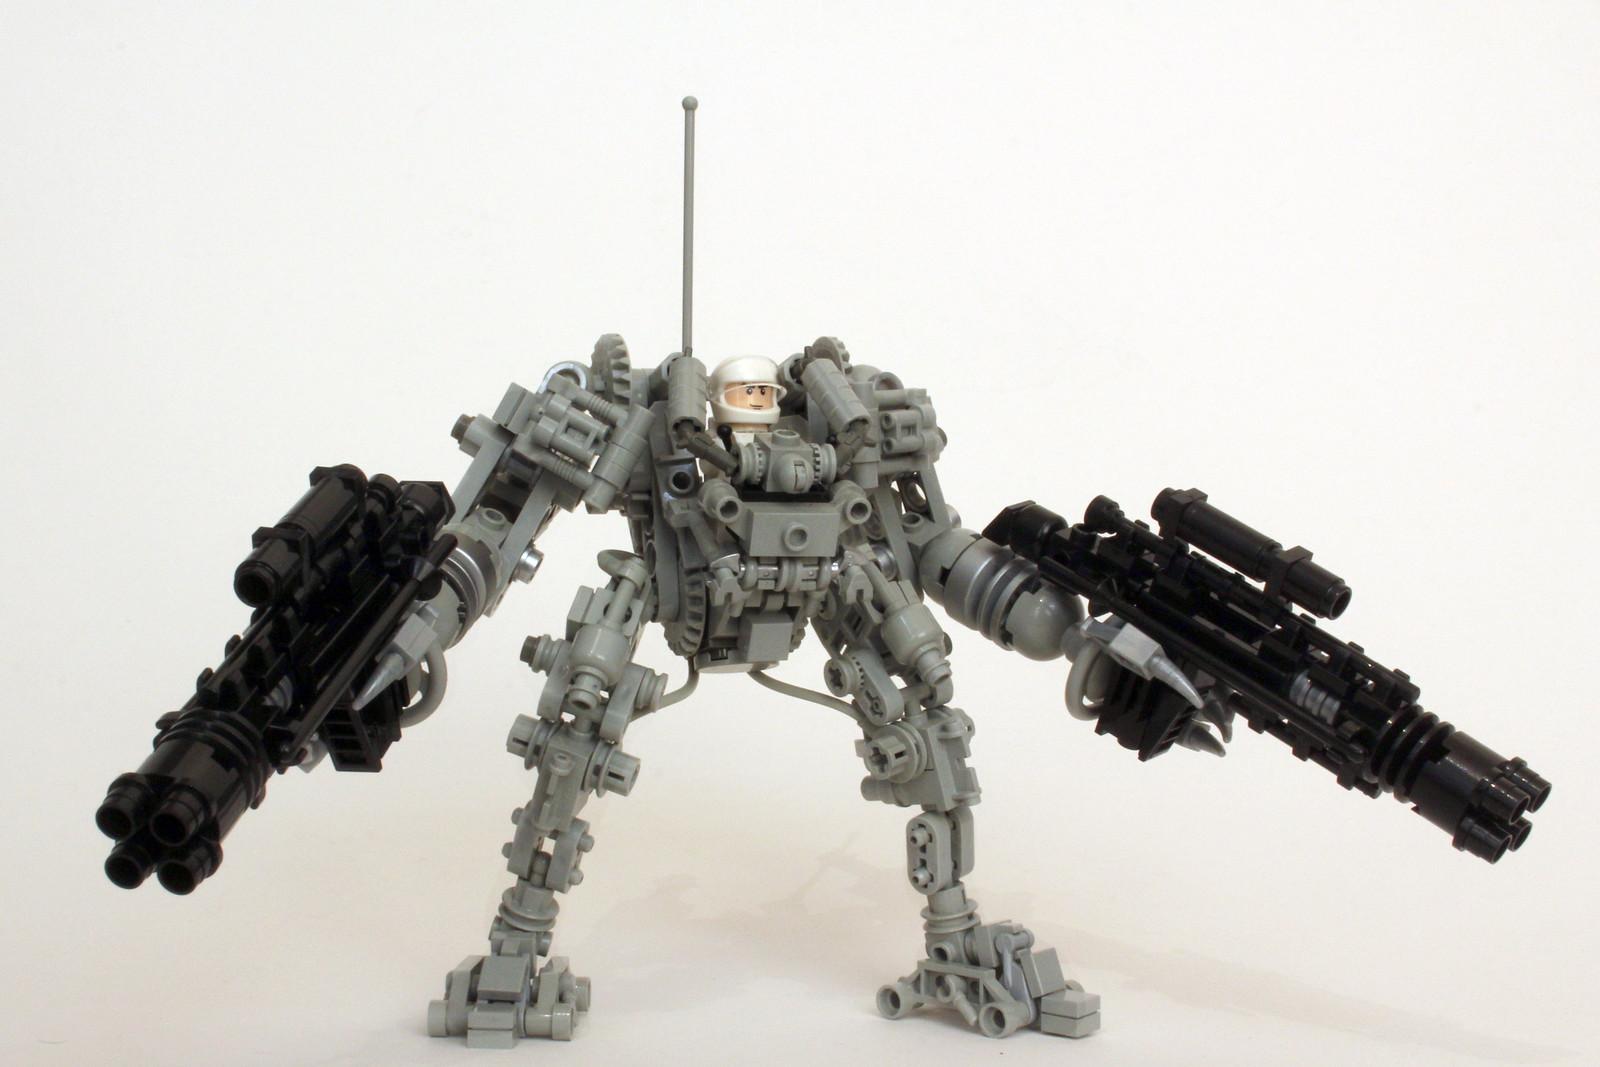 TitanFall Lego Avatar Image 1